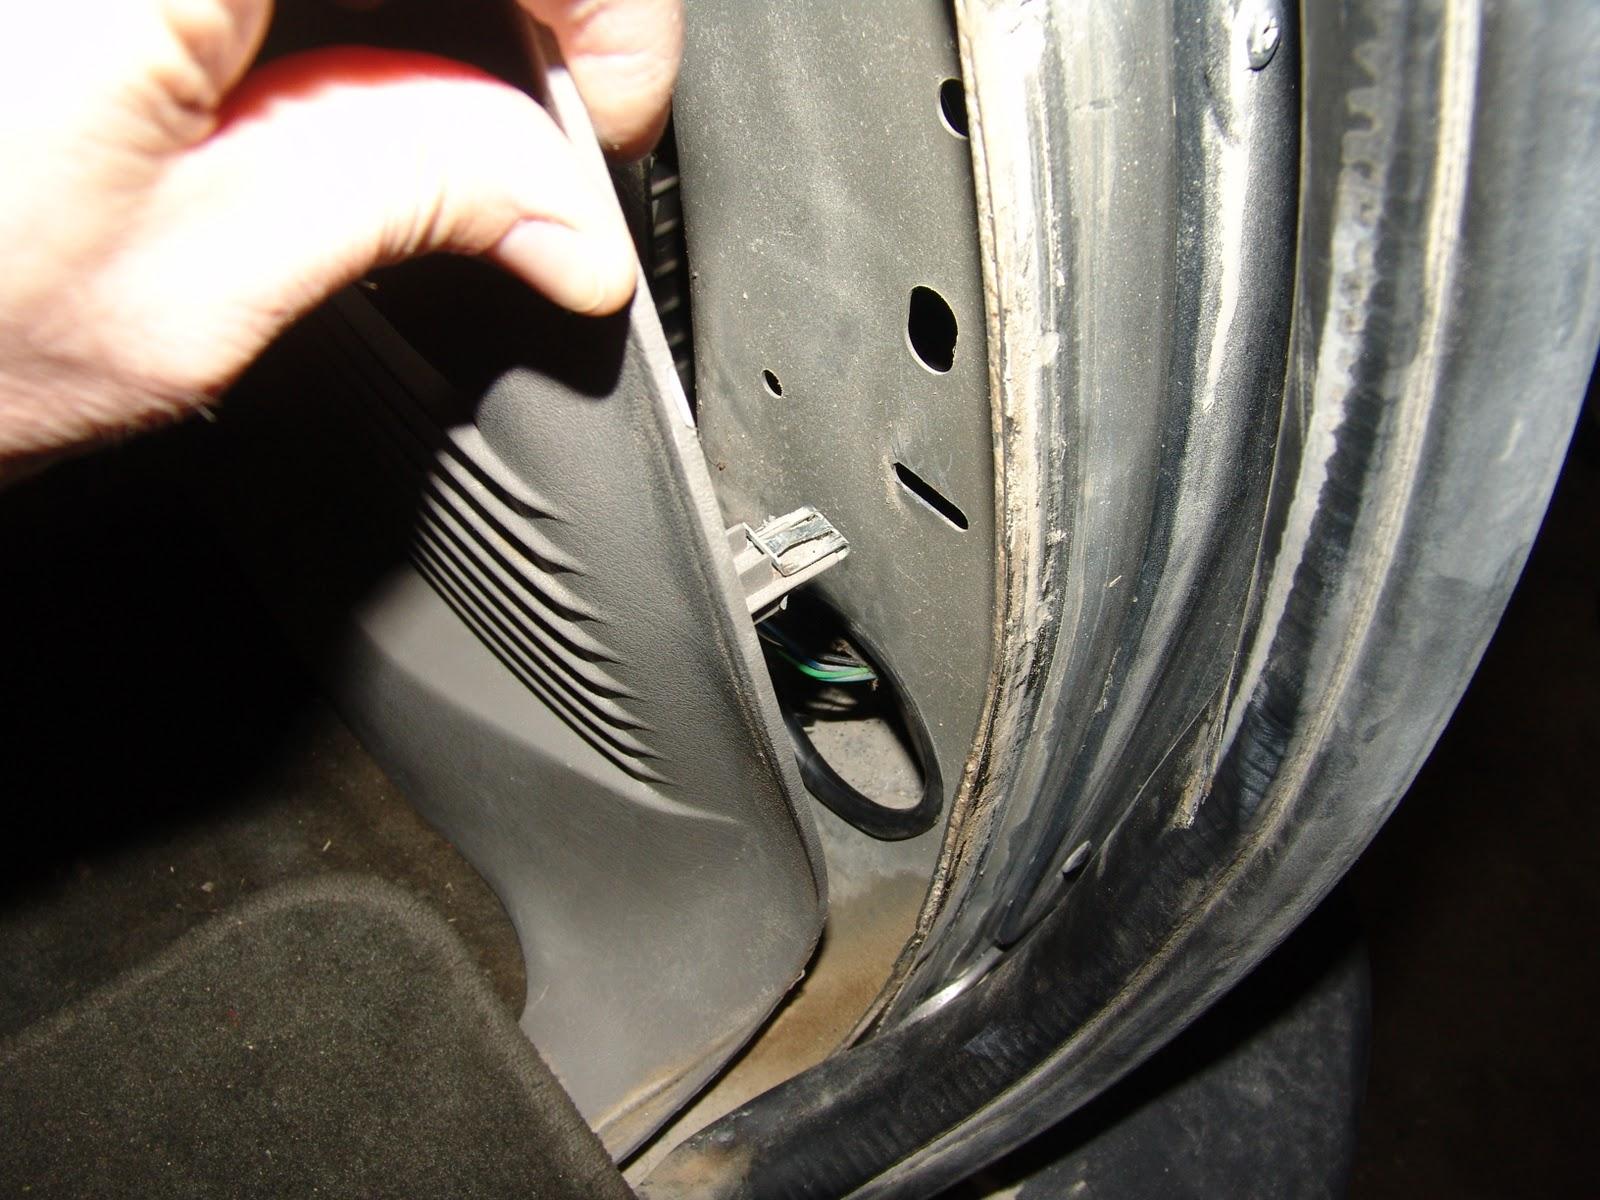 2003 Chevrolet Trailblazer, Clicking Sound From Rear HVAC Unit